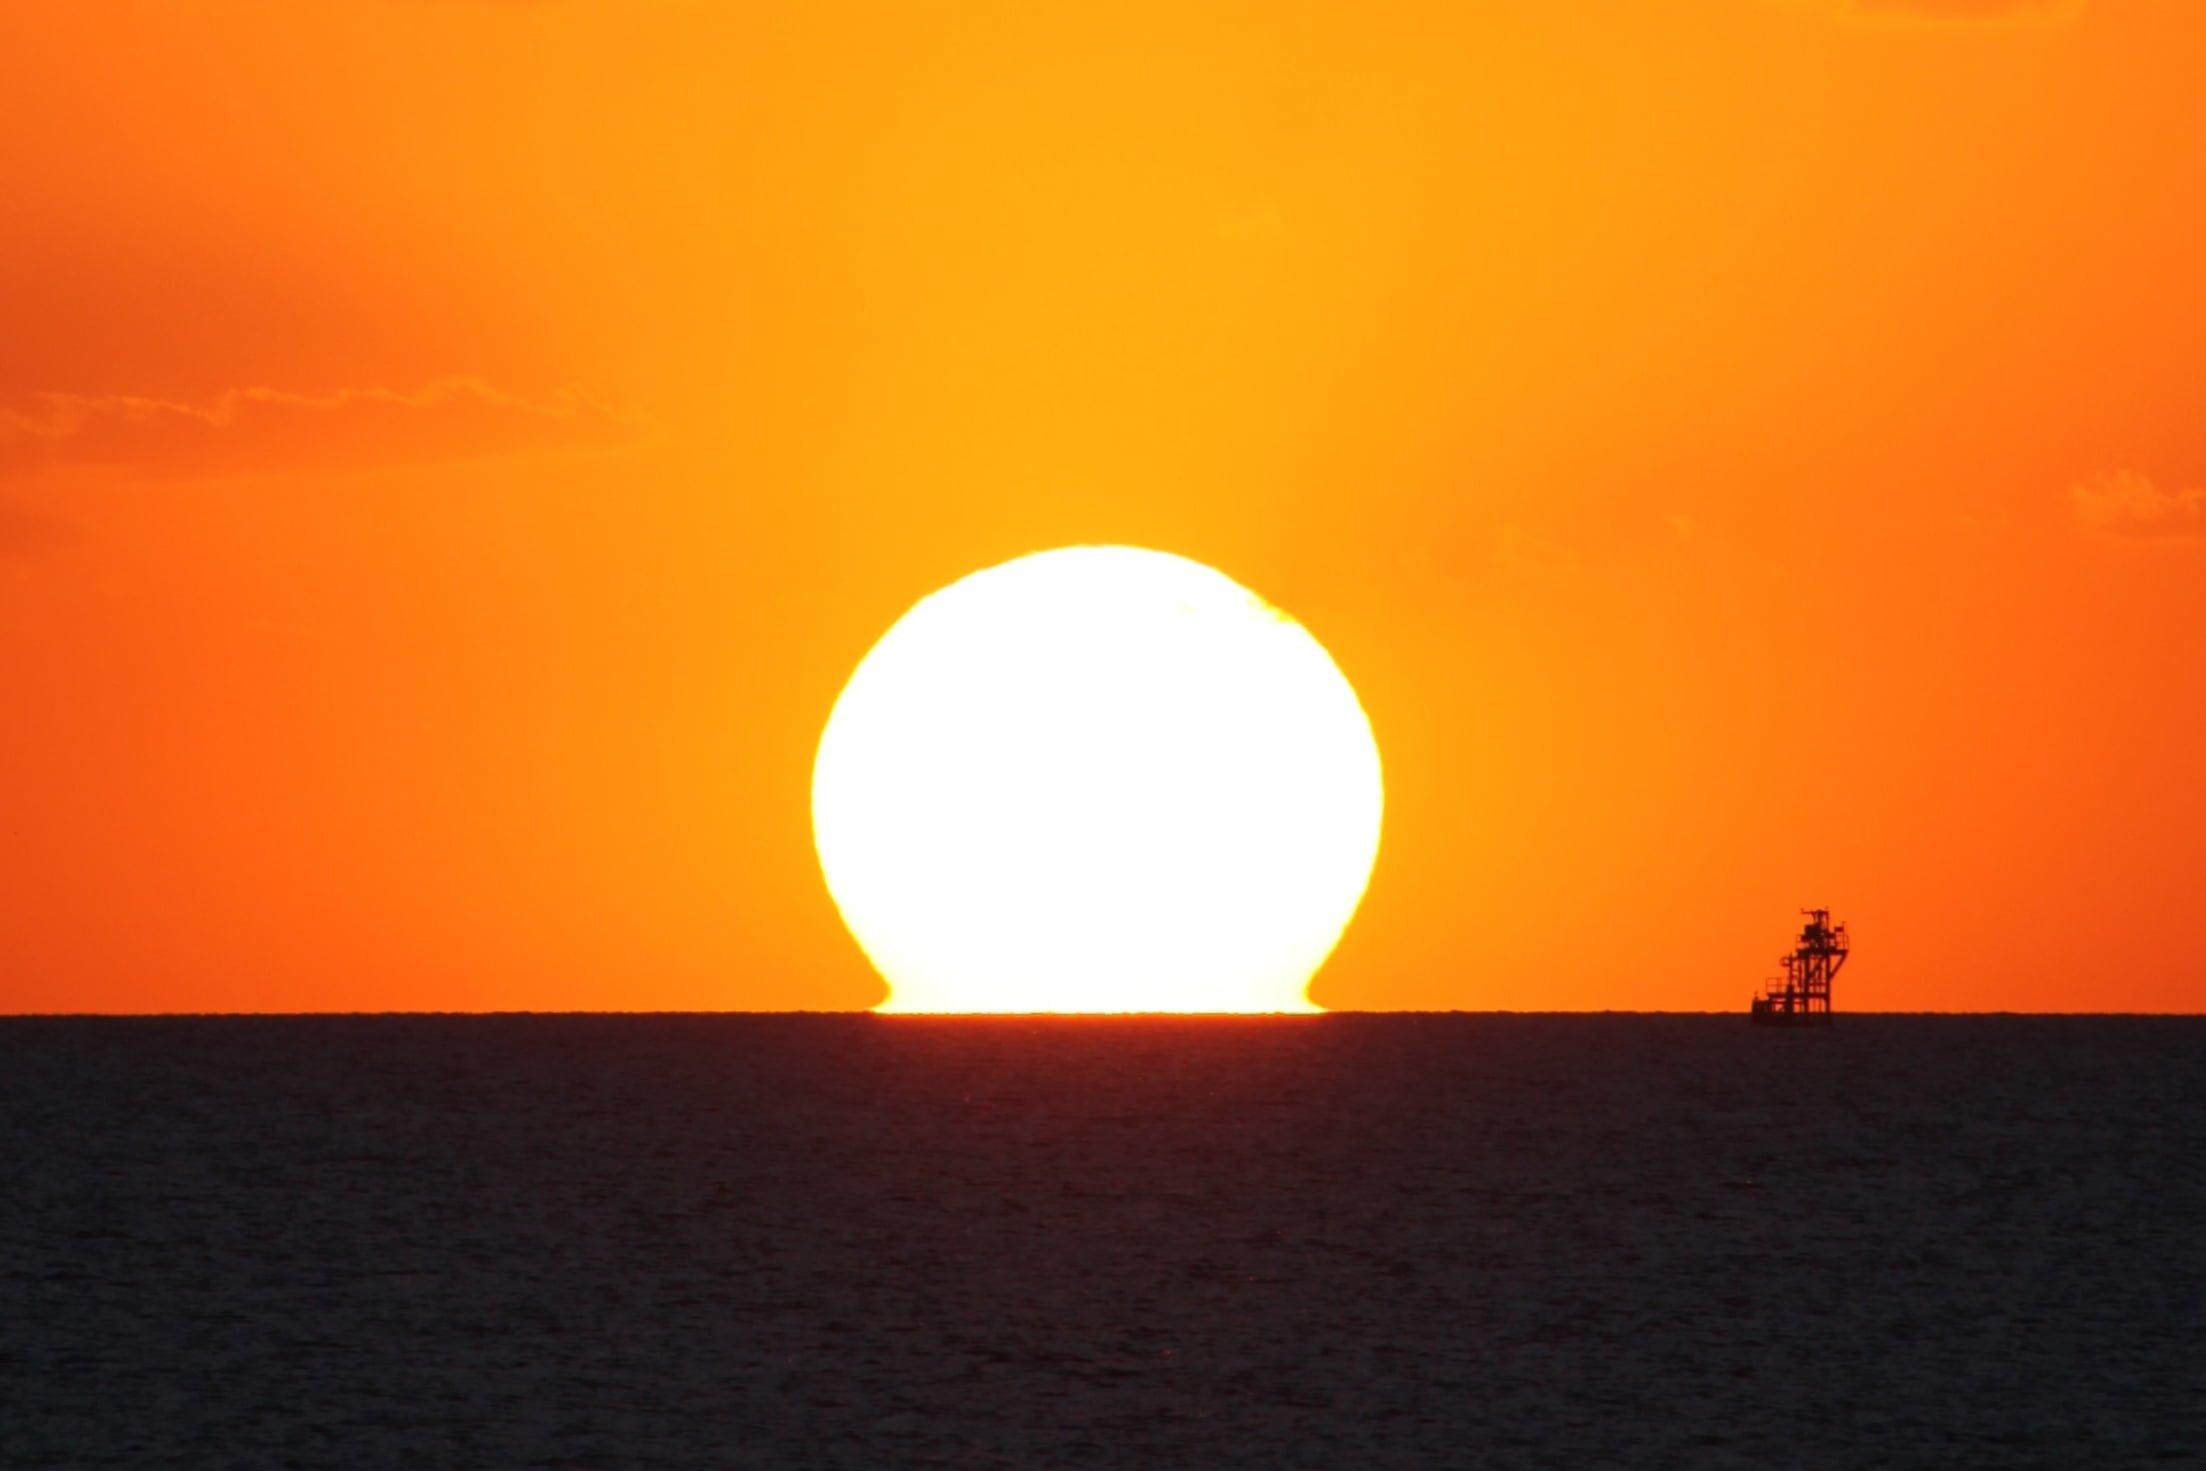 coucher-de-soleil-kerkennah- 14-09-2010 19-21-44